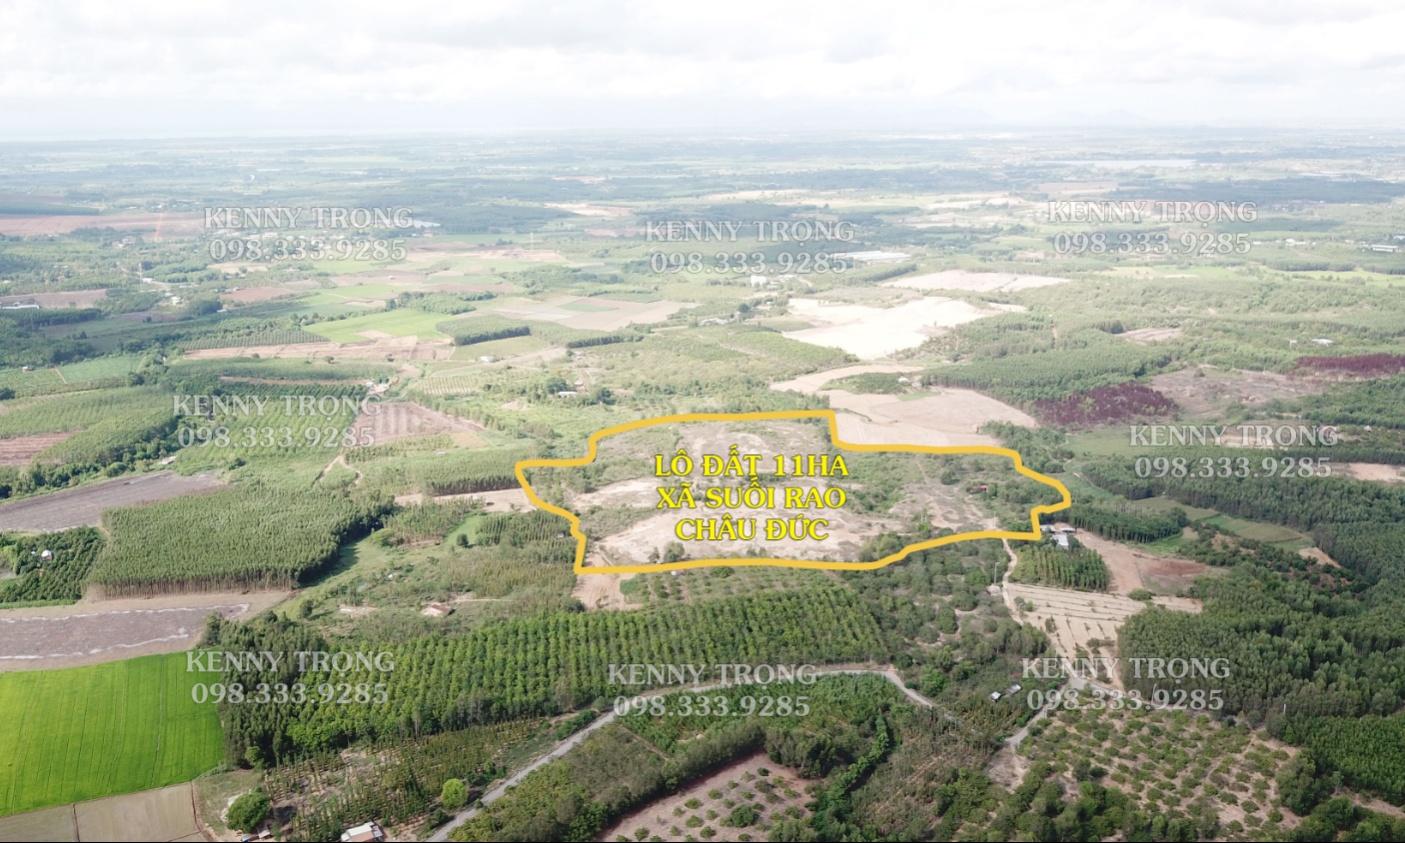 11ha đất Suối Rao, Châu Đức phù hợp với sinh thái nghỉ dưỡng, nông nghiệp sạch, ...